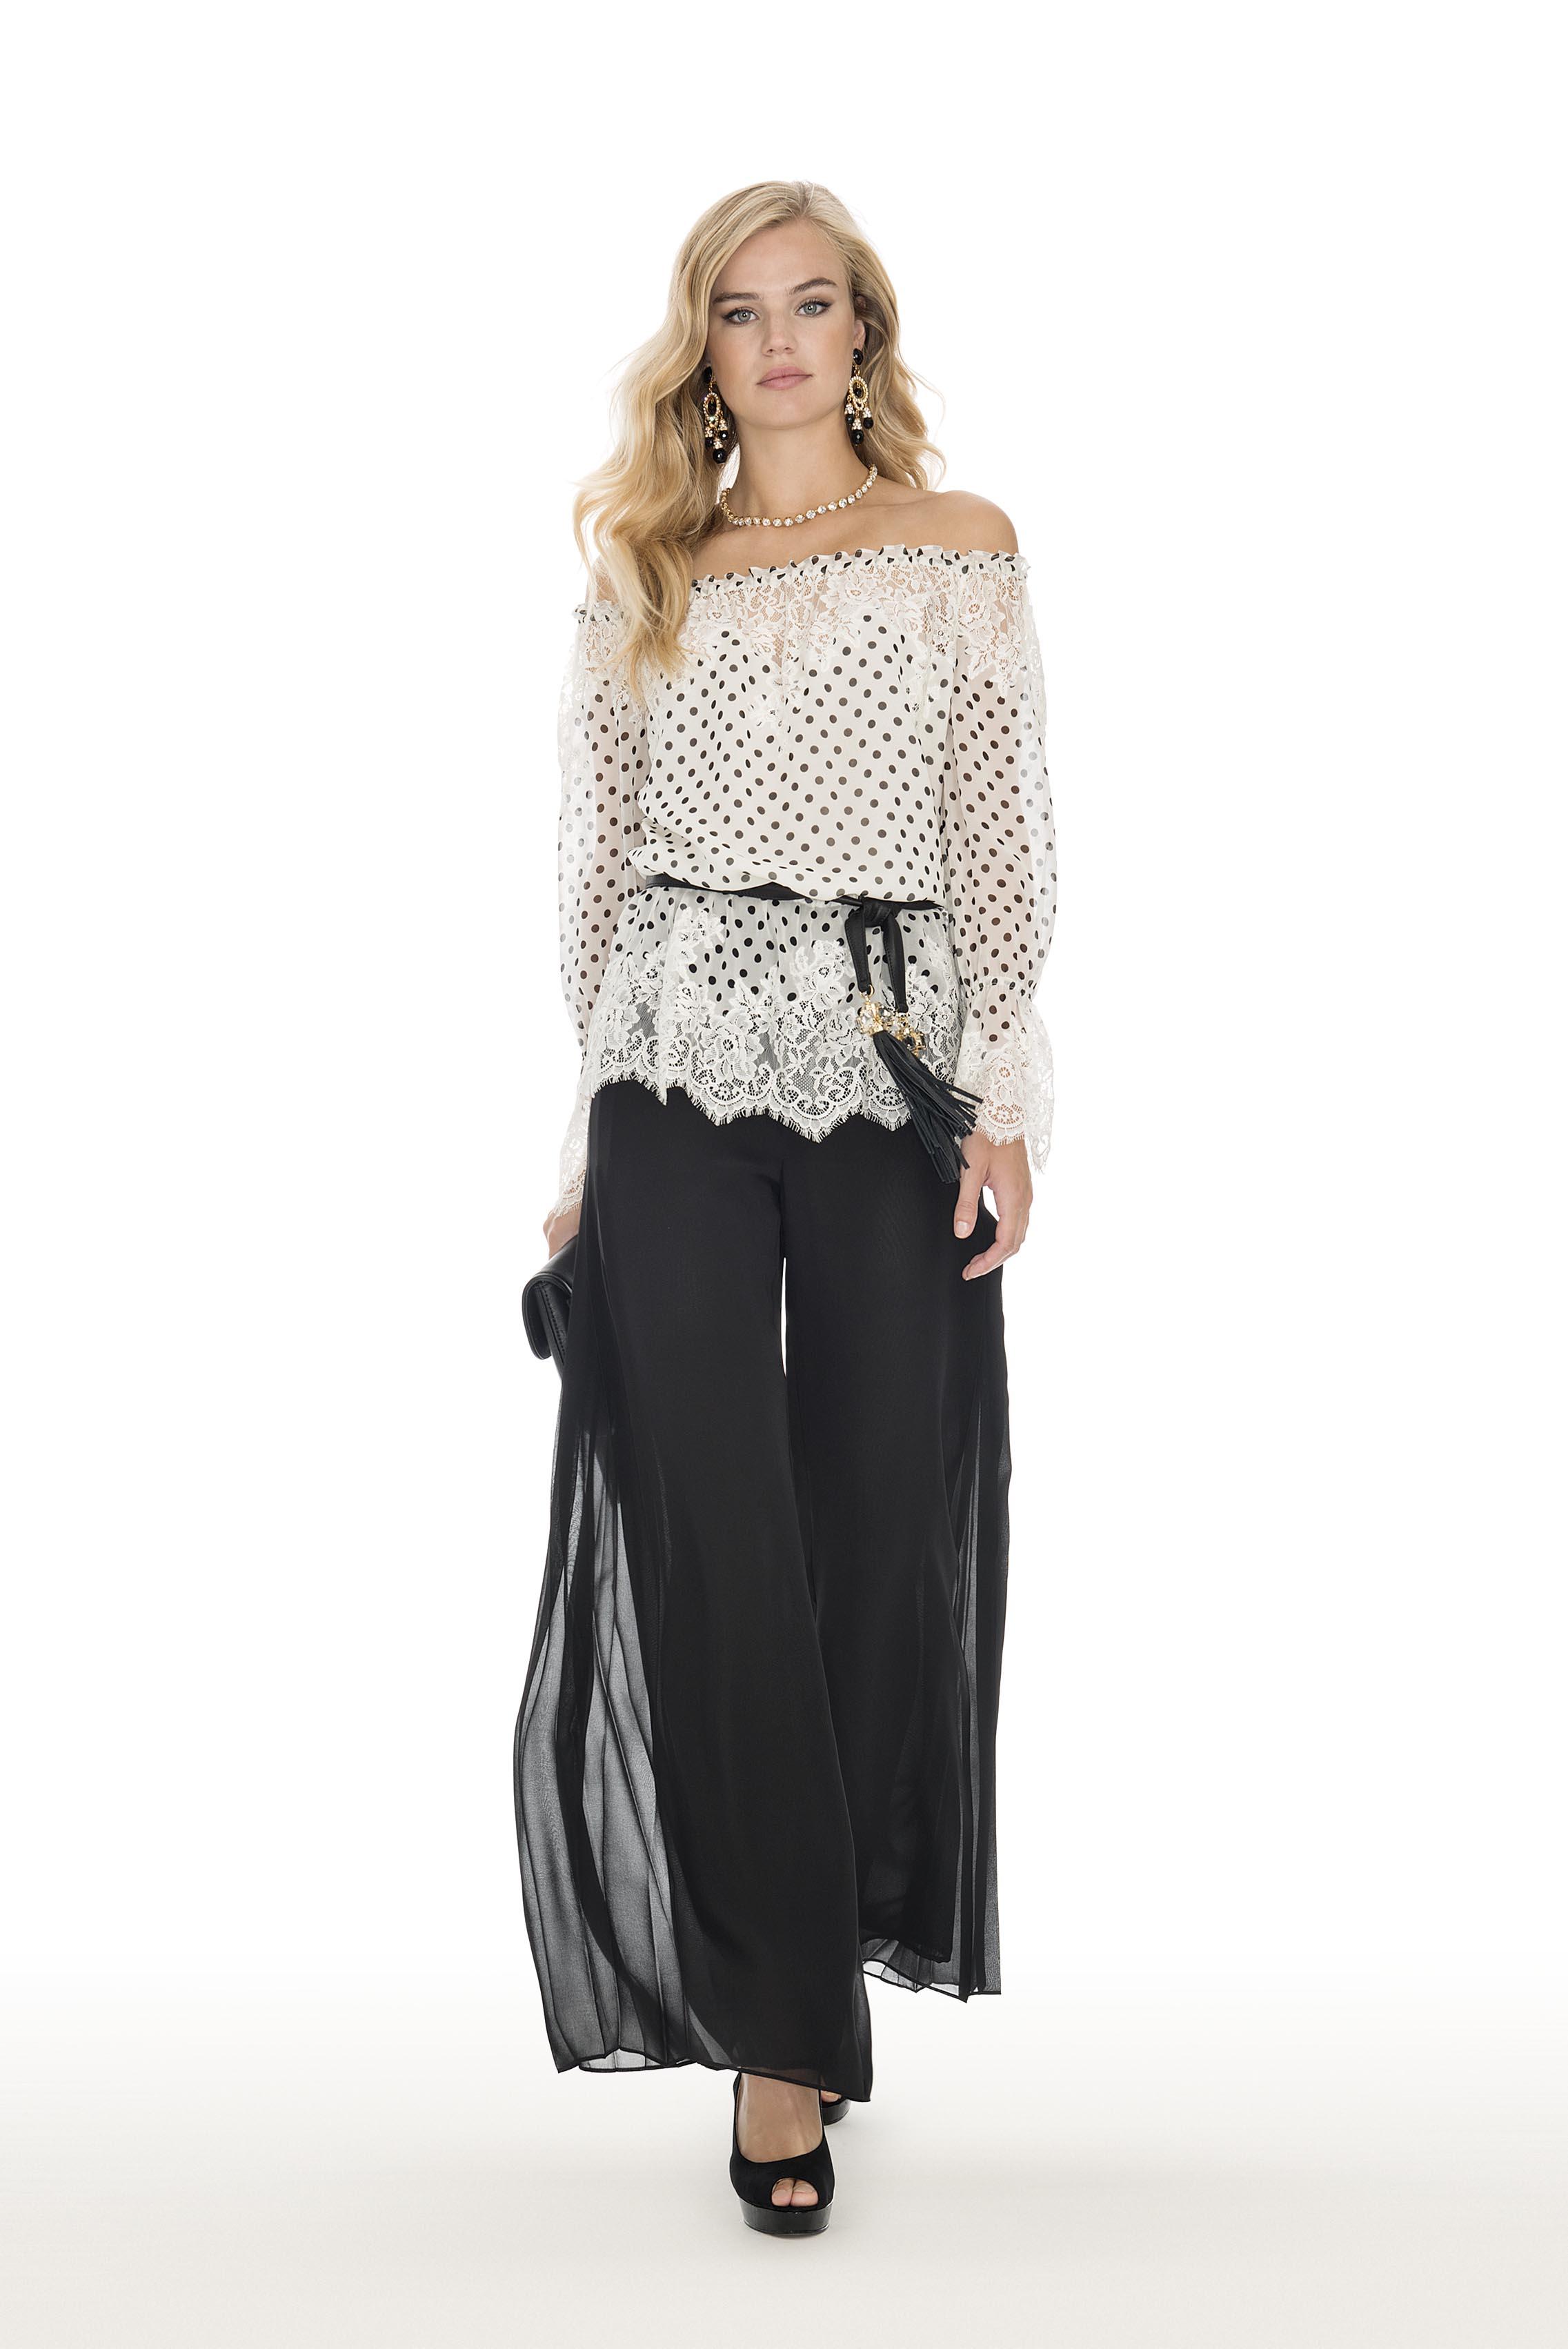 1a217a2724f75 Luisa Spagnoli propone il look per la donna moderna e grintosa ...